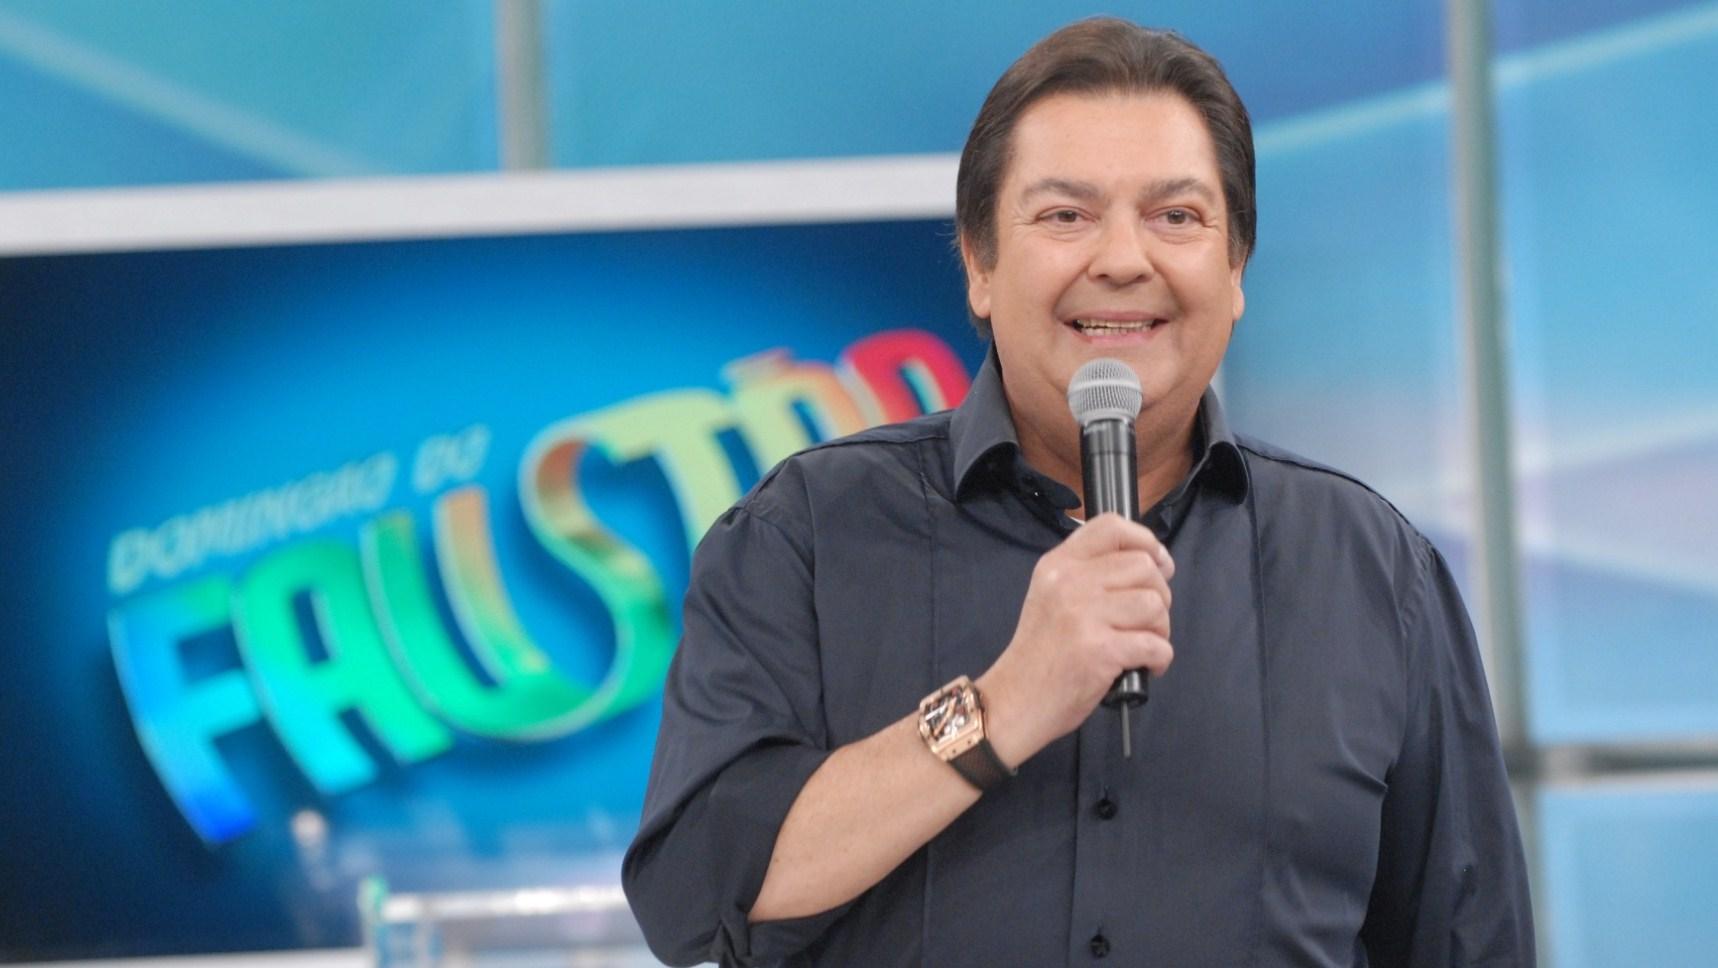 Fausto Silva recebe mais de R$ 5 milhões mensais